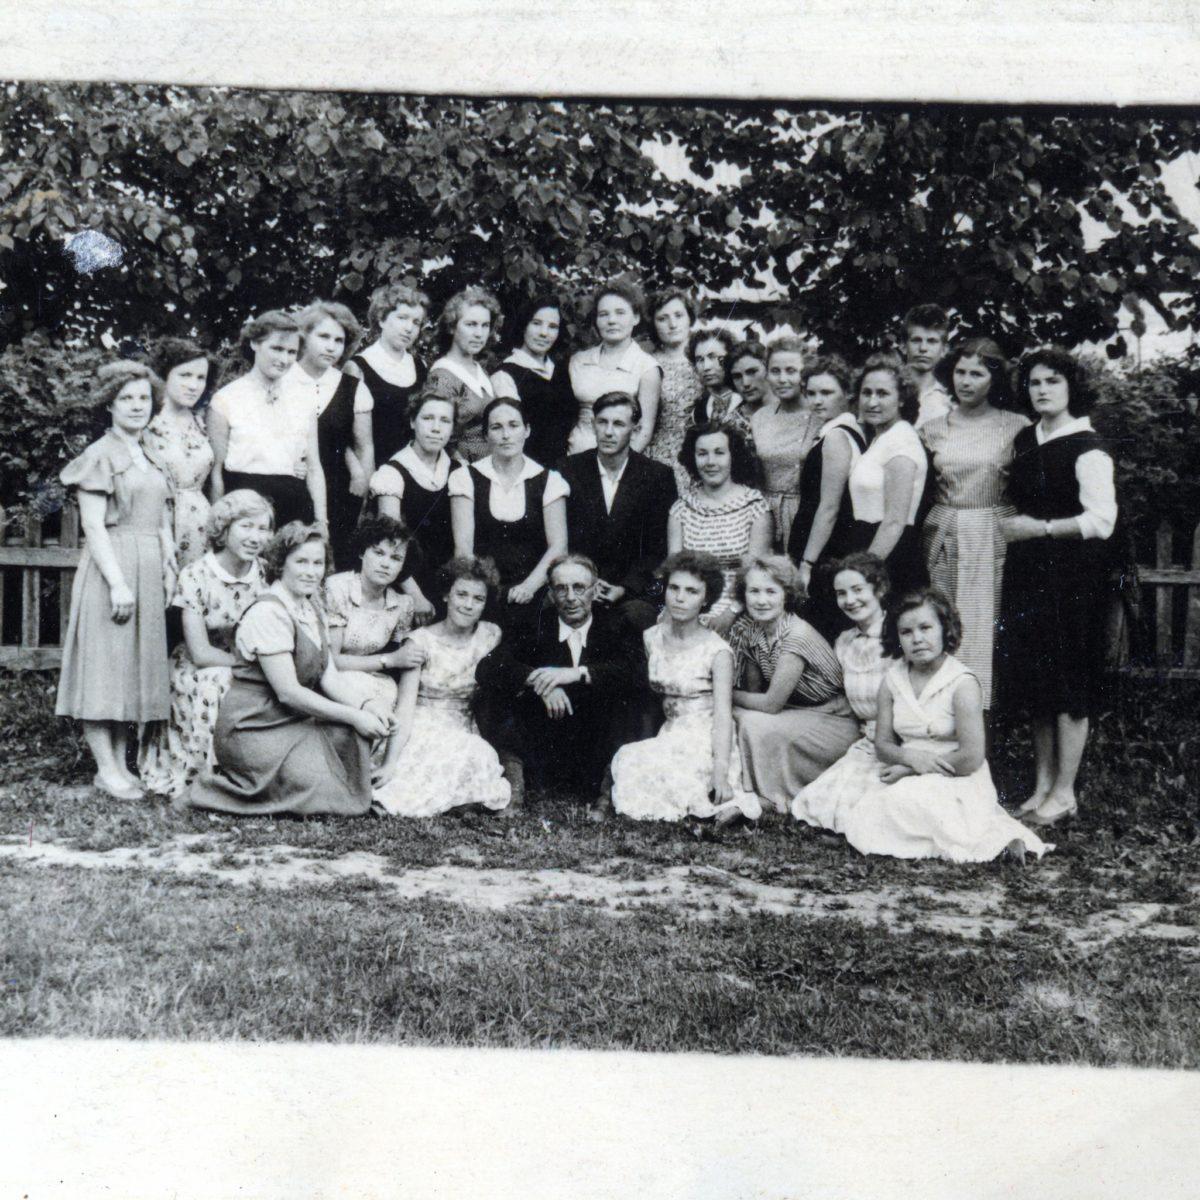 Советское педучилище Кировская область, 1960 год. Моя учительская династия